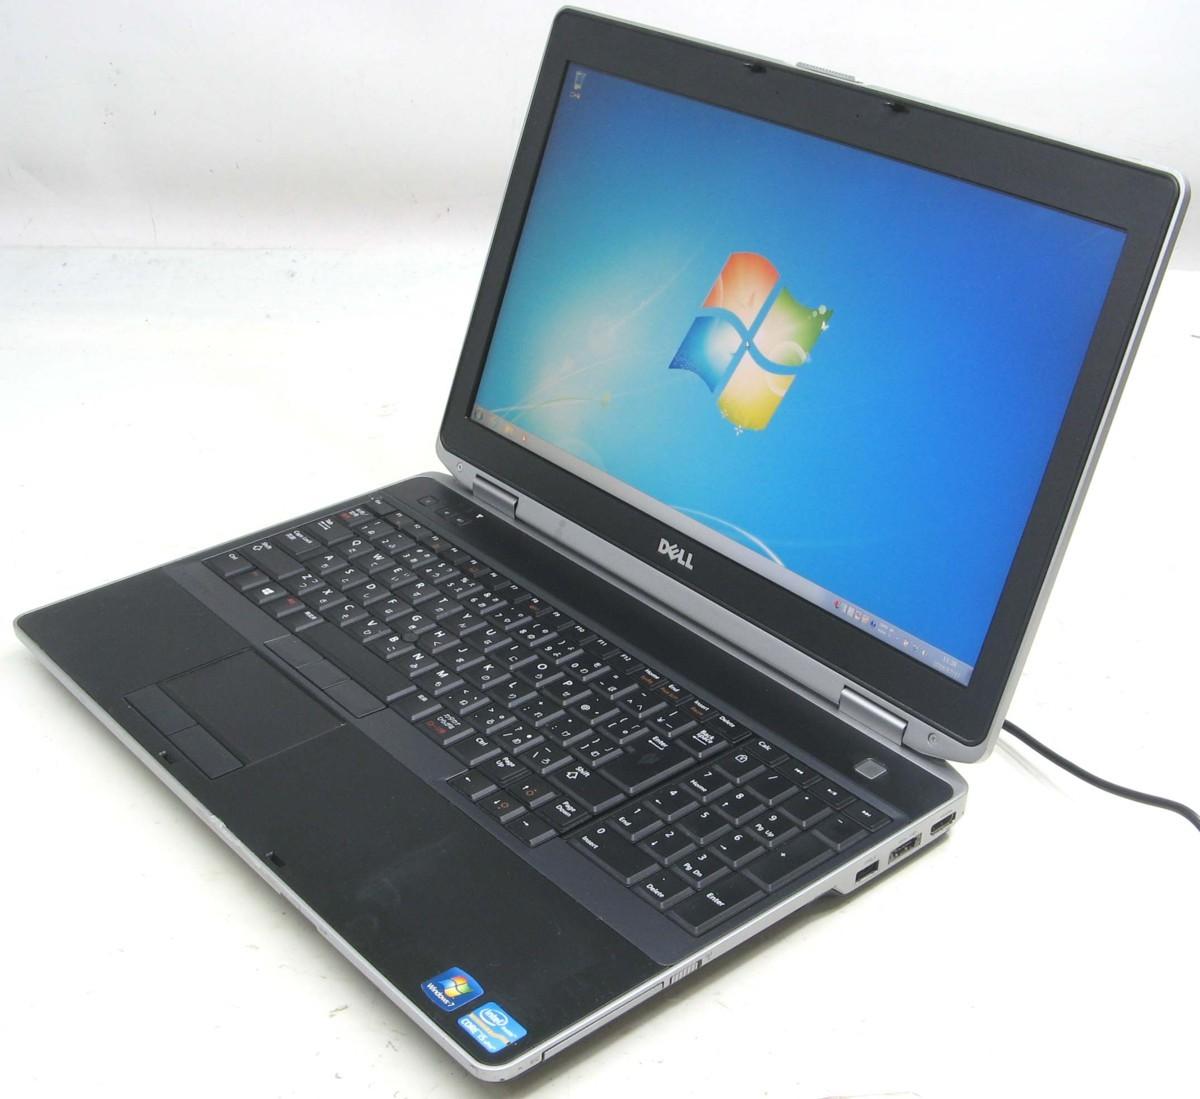 DELL Latitude E6530-2800WX++(デル Windows7 Corei5 HDMI出力端子 DVDスーパーマルチドライブ)【中古】【中古パソコン/中古PC】